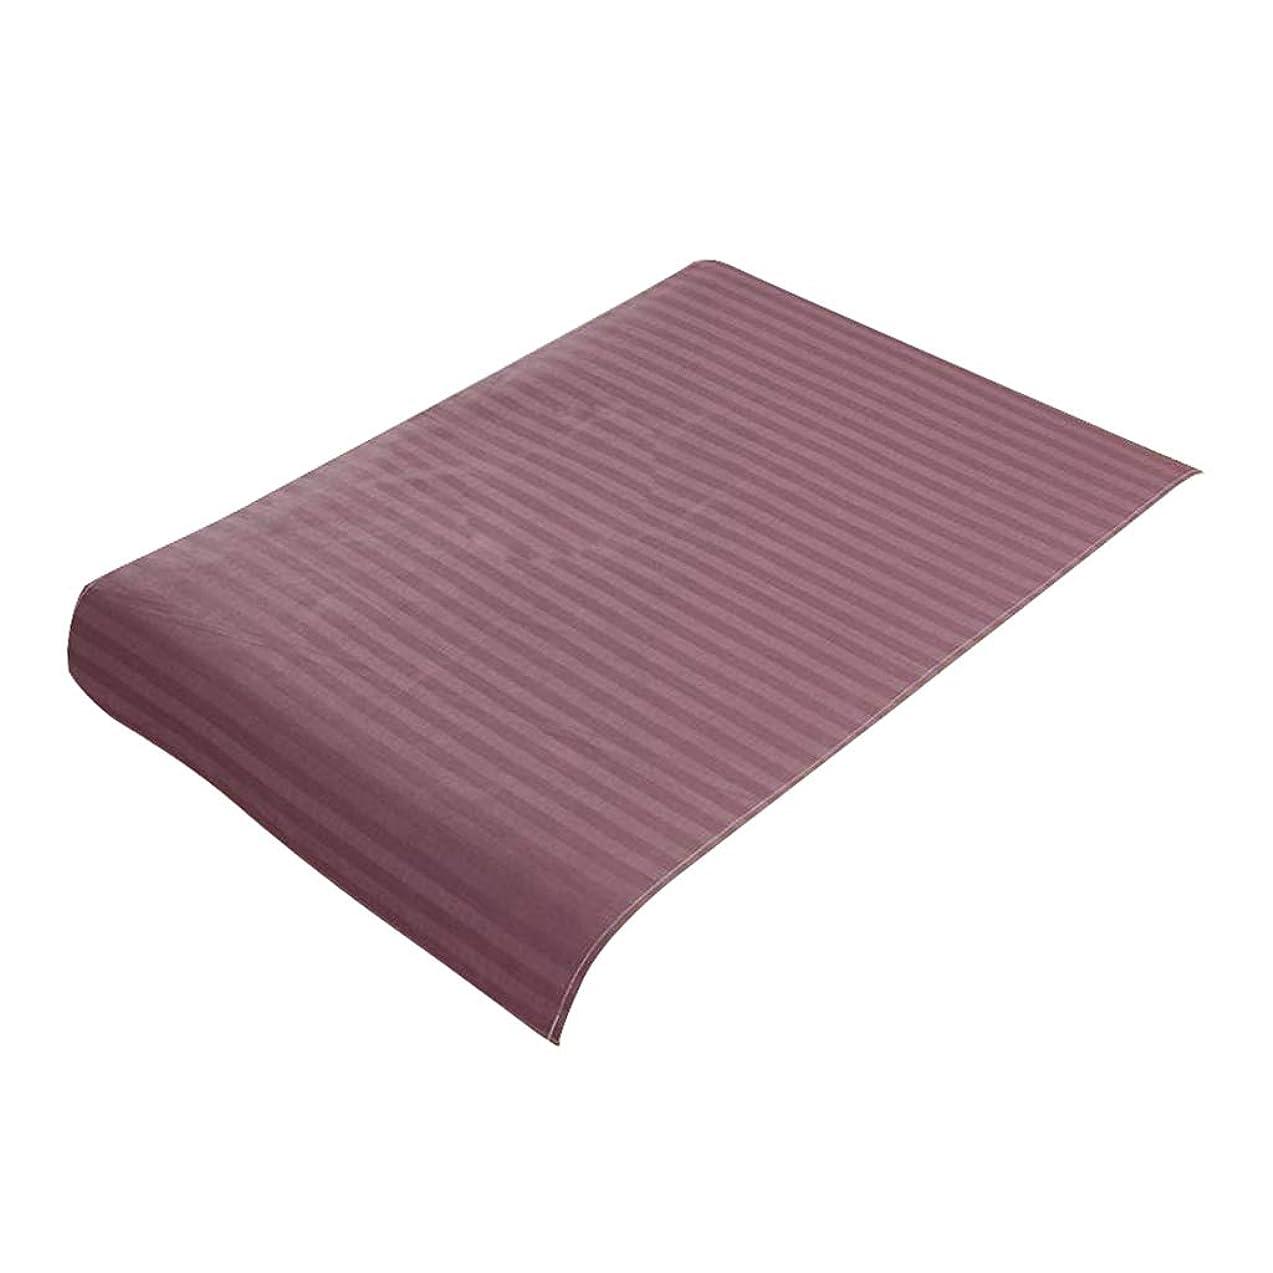 透明に嘆願ブリークP Prettyia スパ マッサージベッドカバー 美容ベッドカバー 綿製 断面 マッサージテーブルスカート 60x90cm - 紫